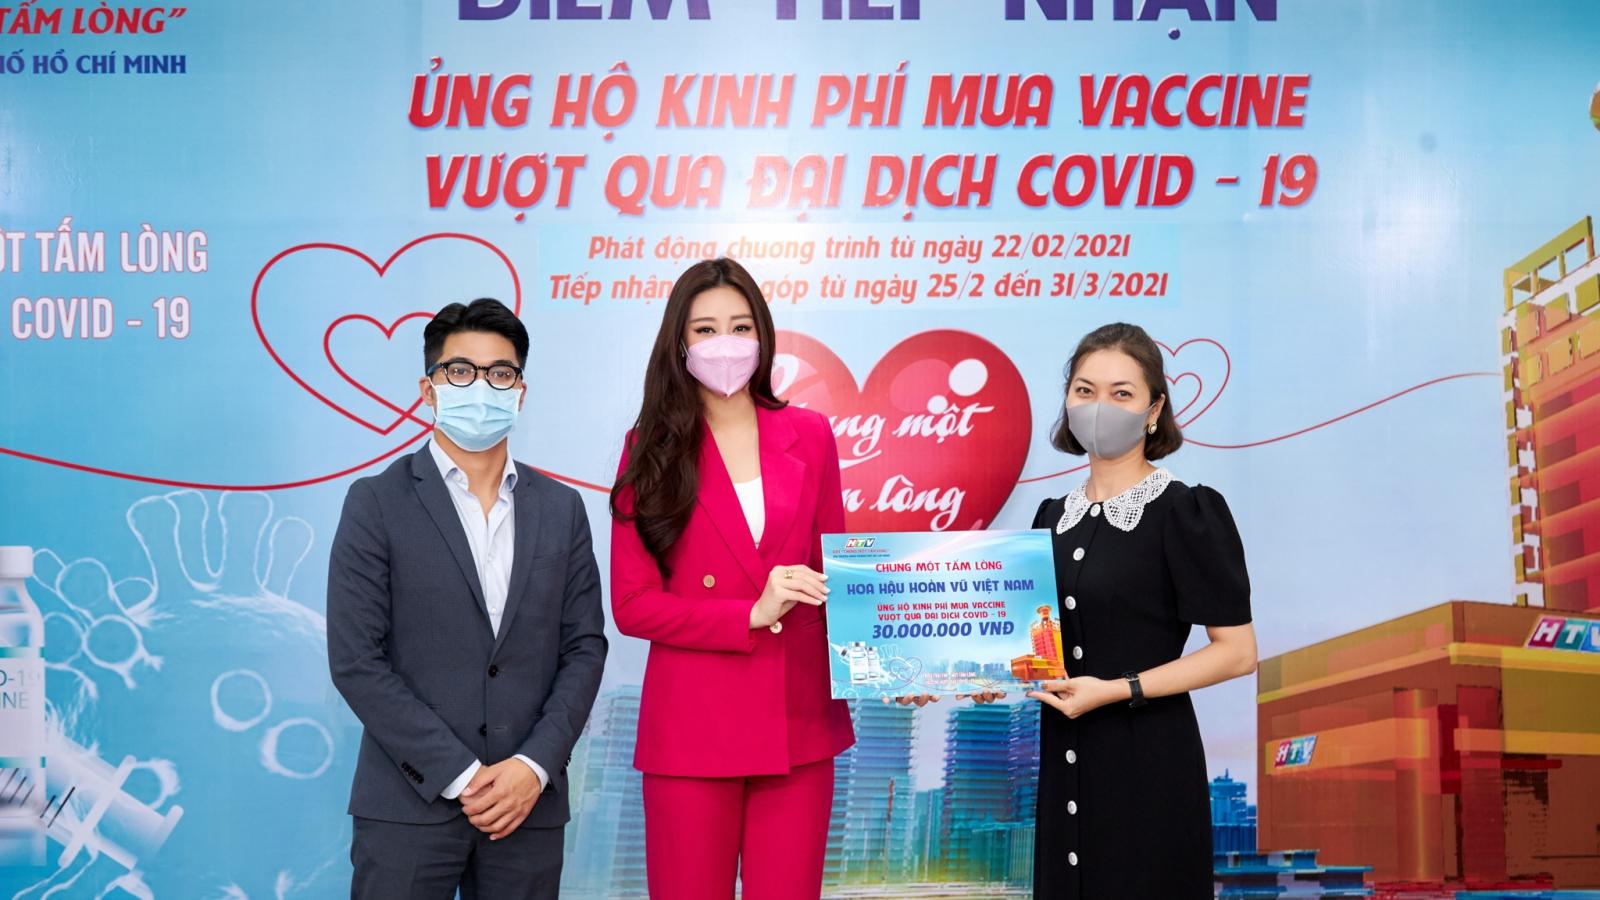 """Hoa hậu Khánh Vân đóng góp vào quỹ """"Chung một tấm lòng"""" chung tay đẩy lùi dịch Covid-19"""